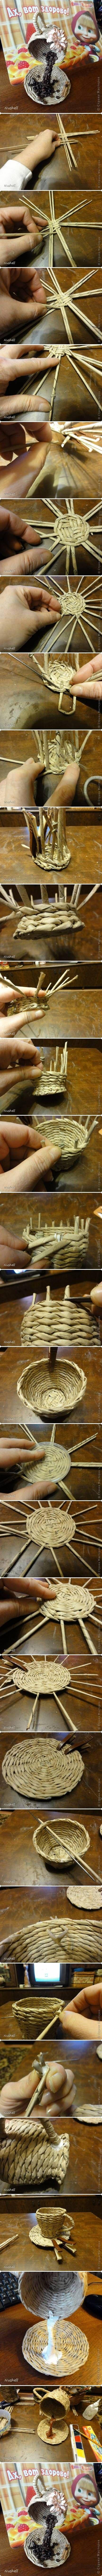 DIY Weave Tea Cup